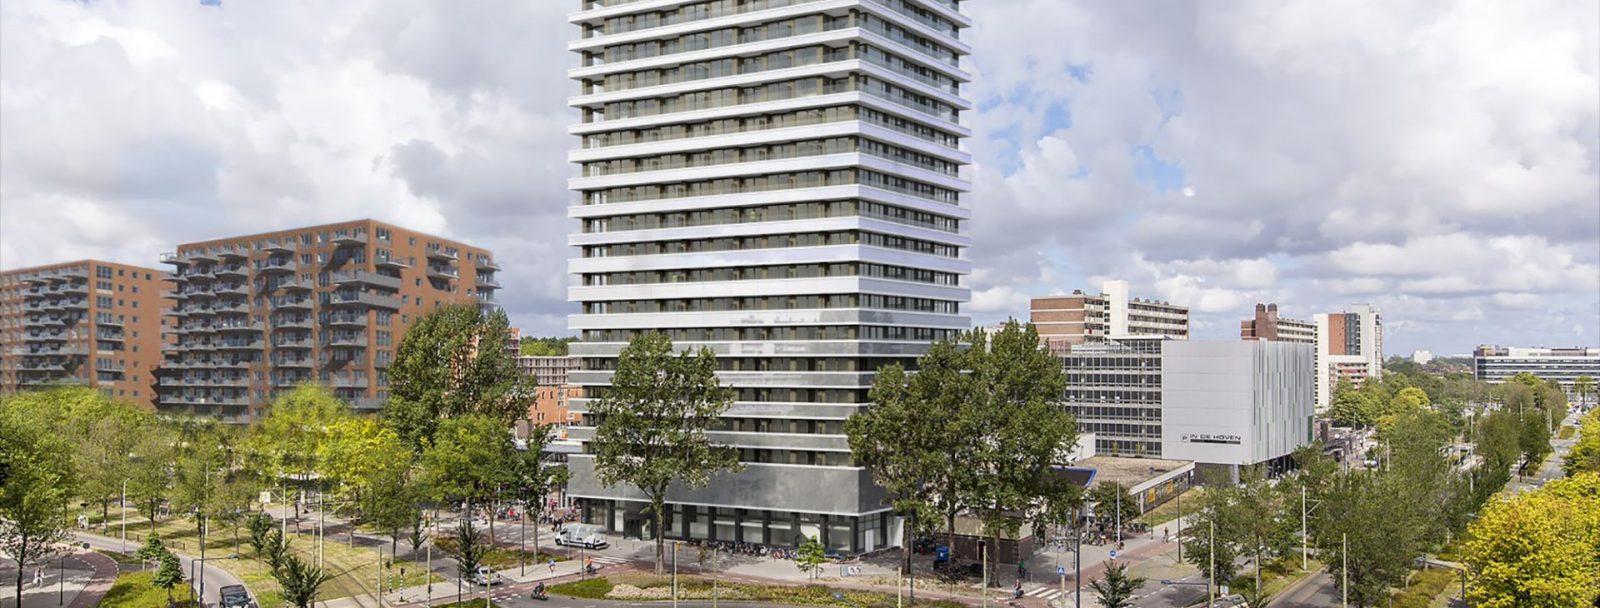 Torenhove-Delft